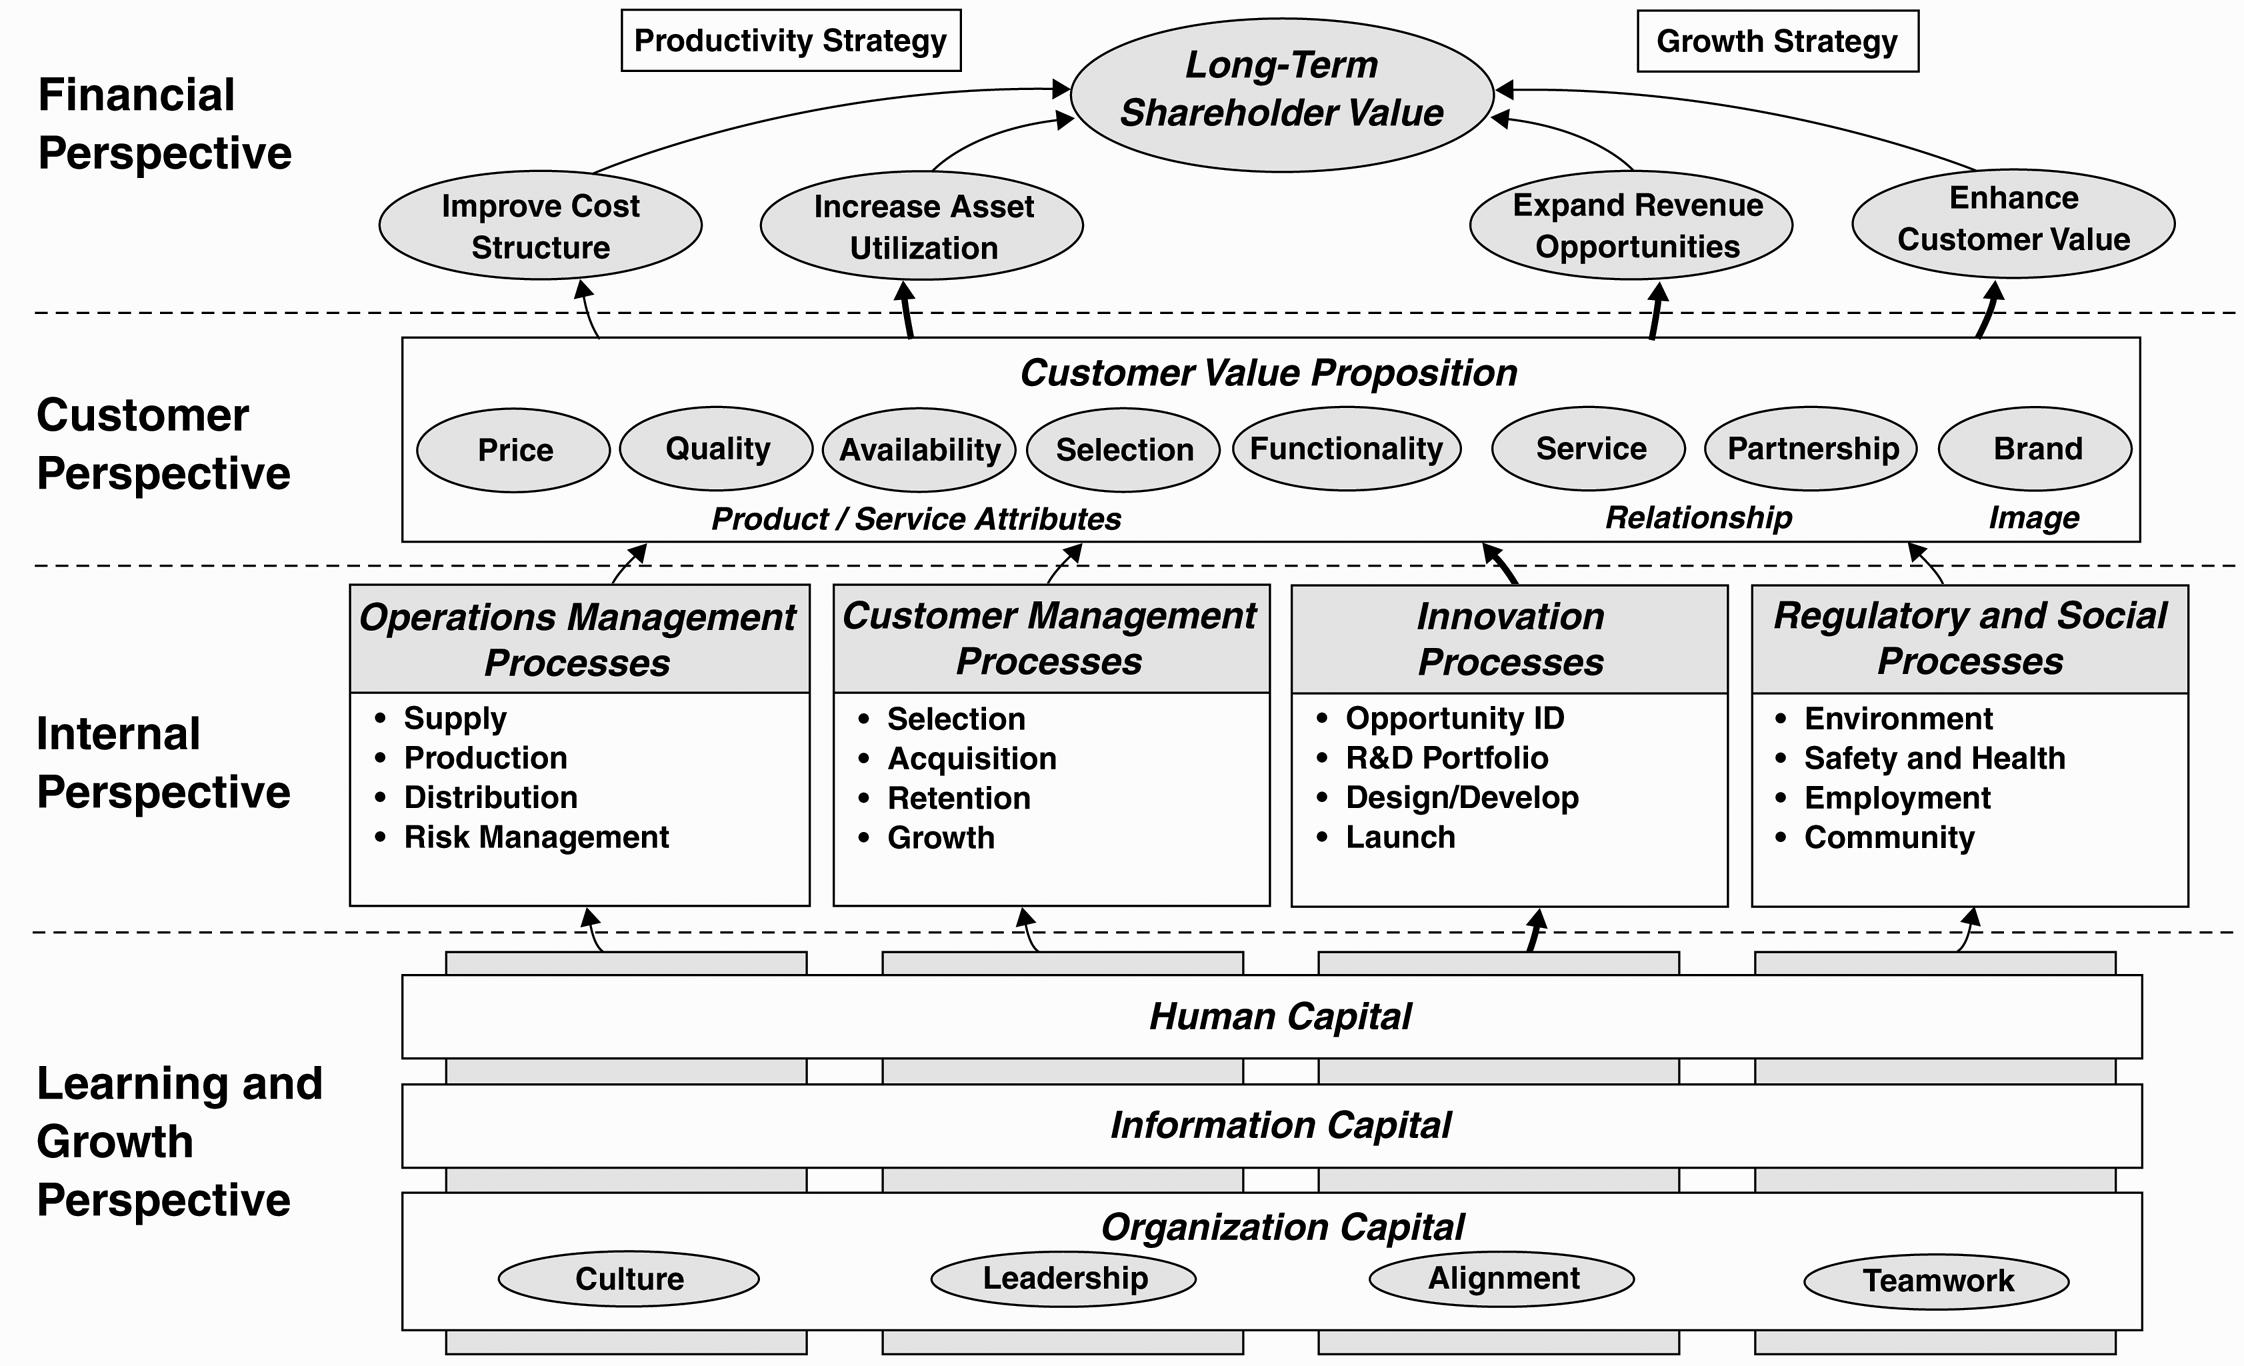 Balanced scorecard - strategy map - Kaplan & Norton